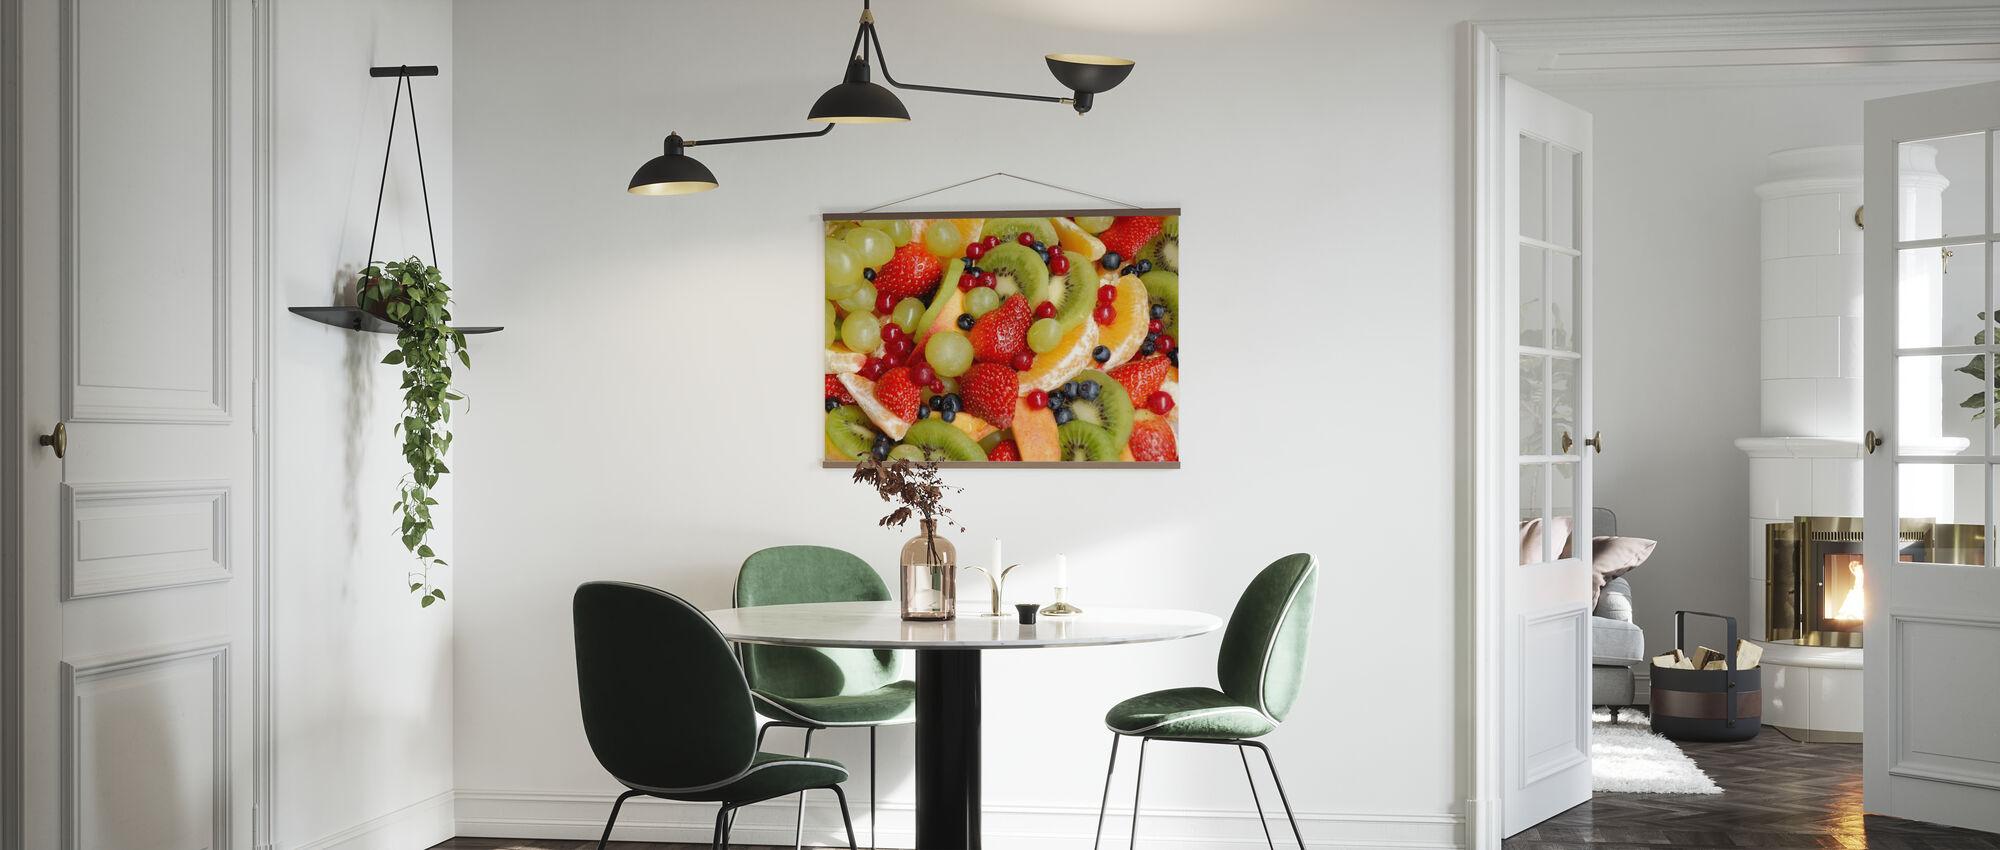 Frischobst - Poster - Küchen